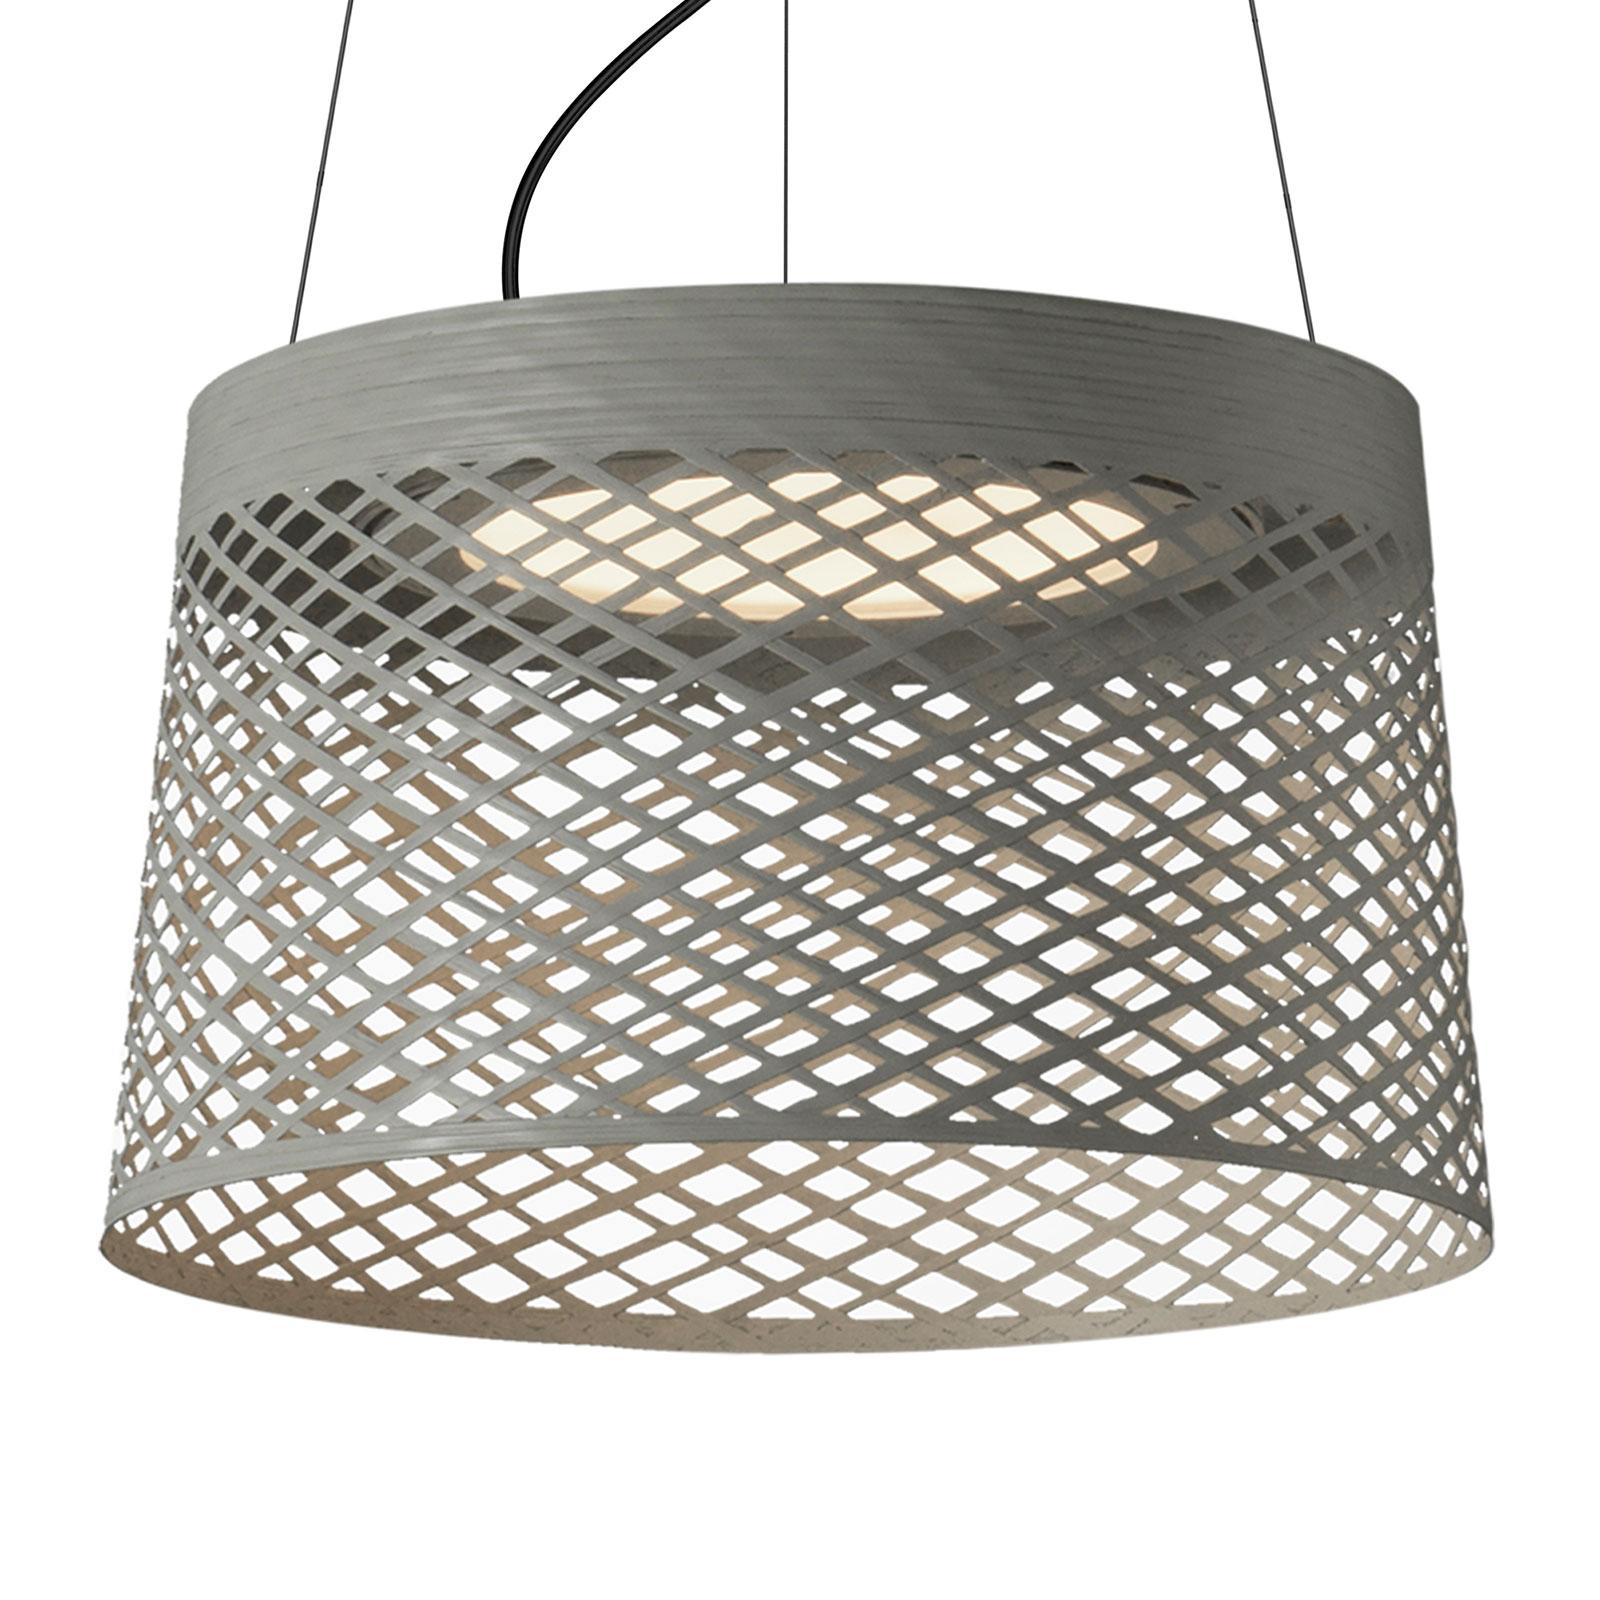 Foscarini Twiggy Grid lampa wisząca, greige